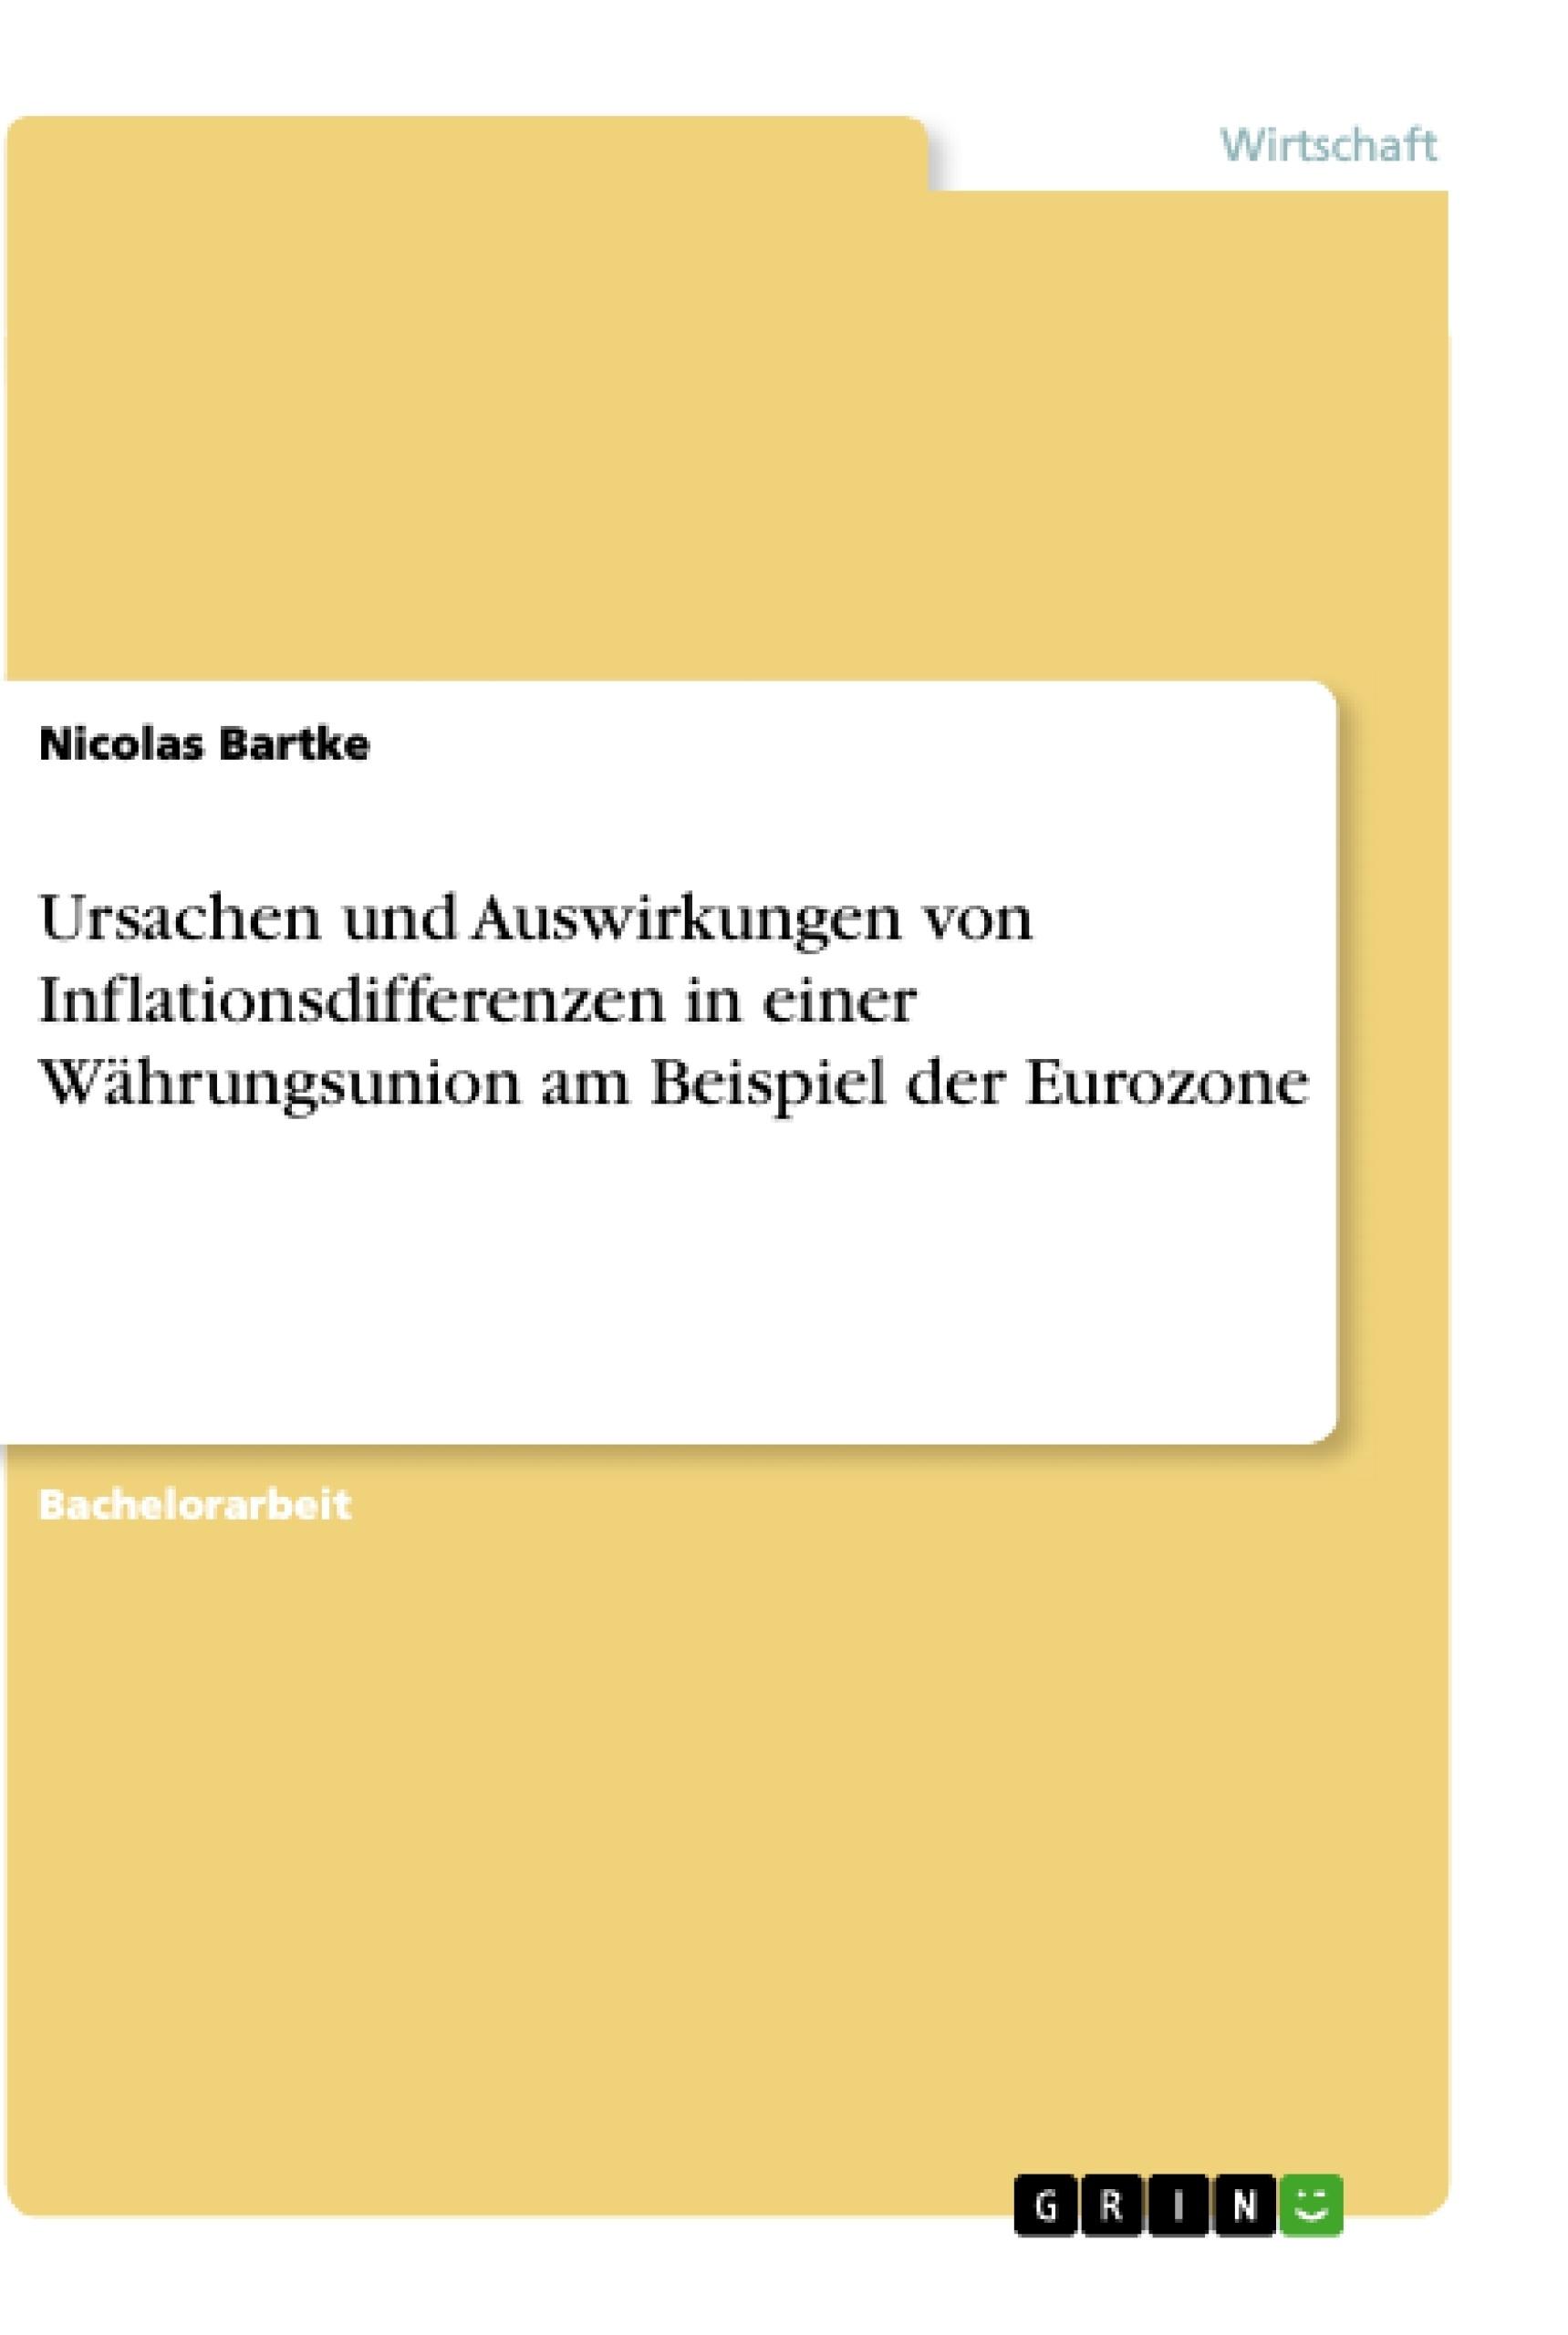 Titel: Ursachen und Auswirkungen von Inflationsdifferenzen in einer Währungsunion am Beispiel der Eurozone